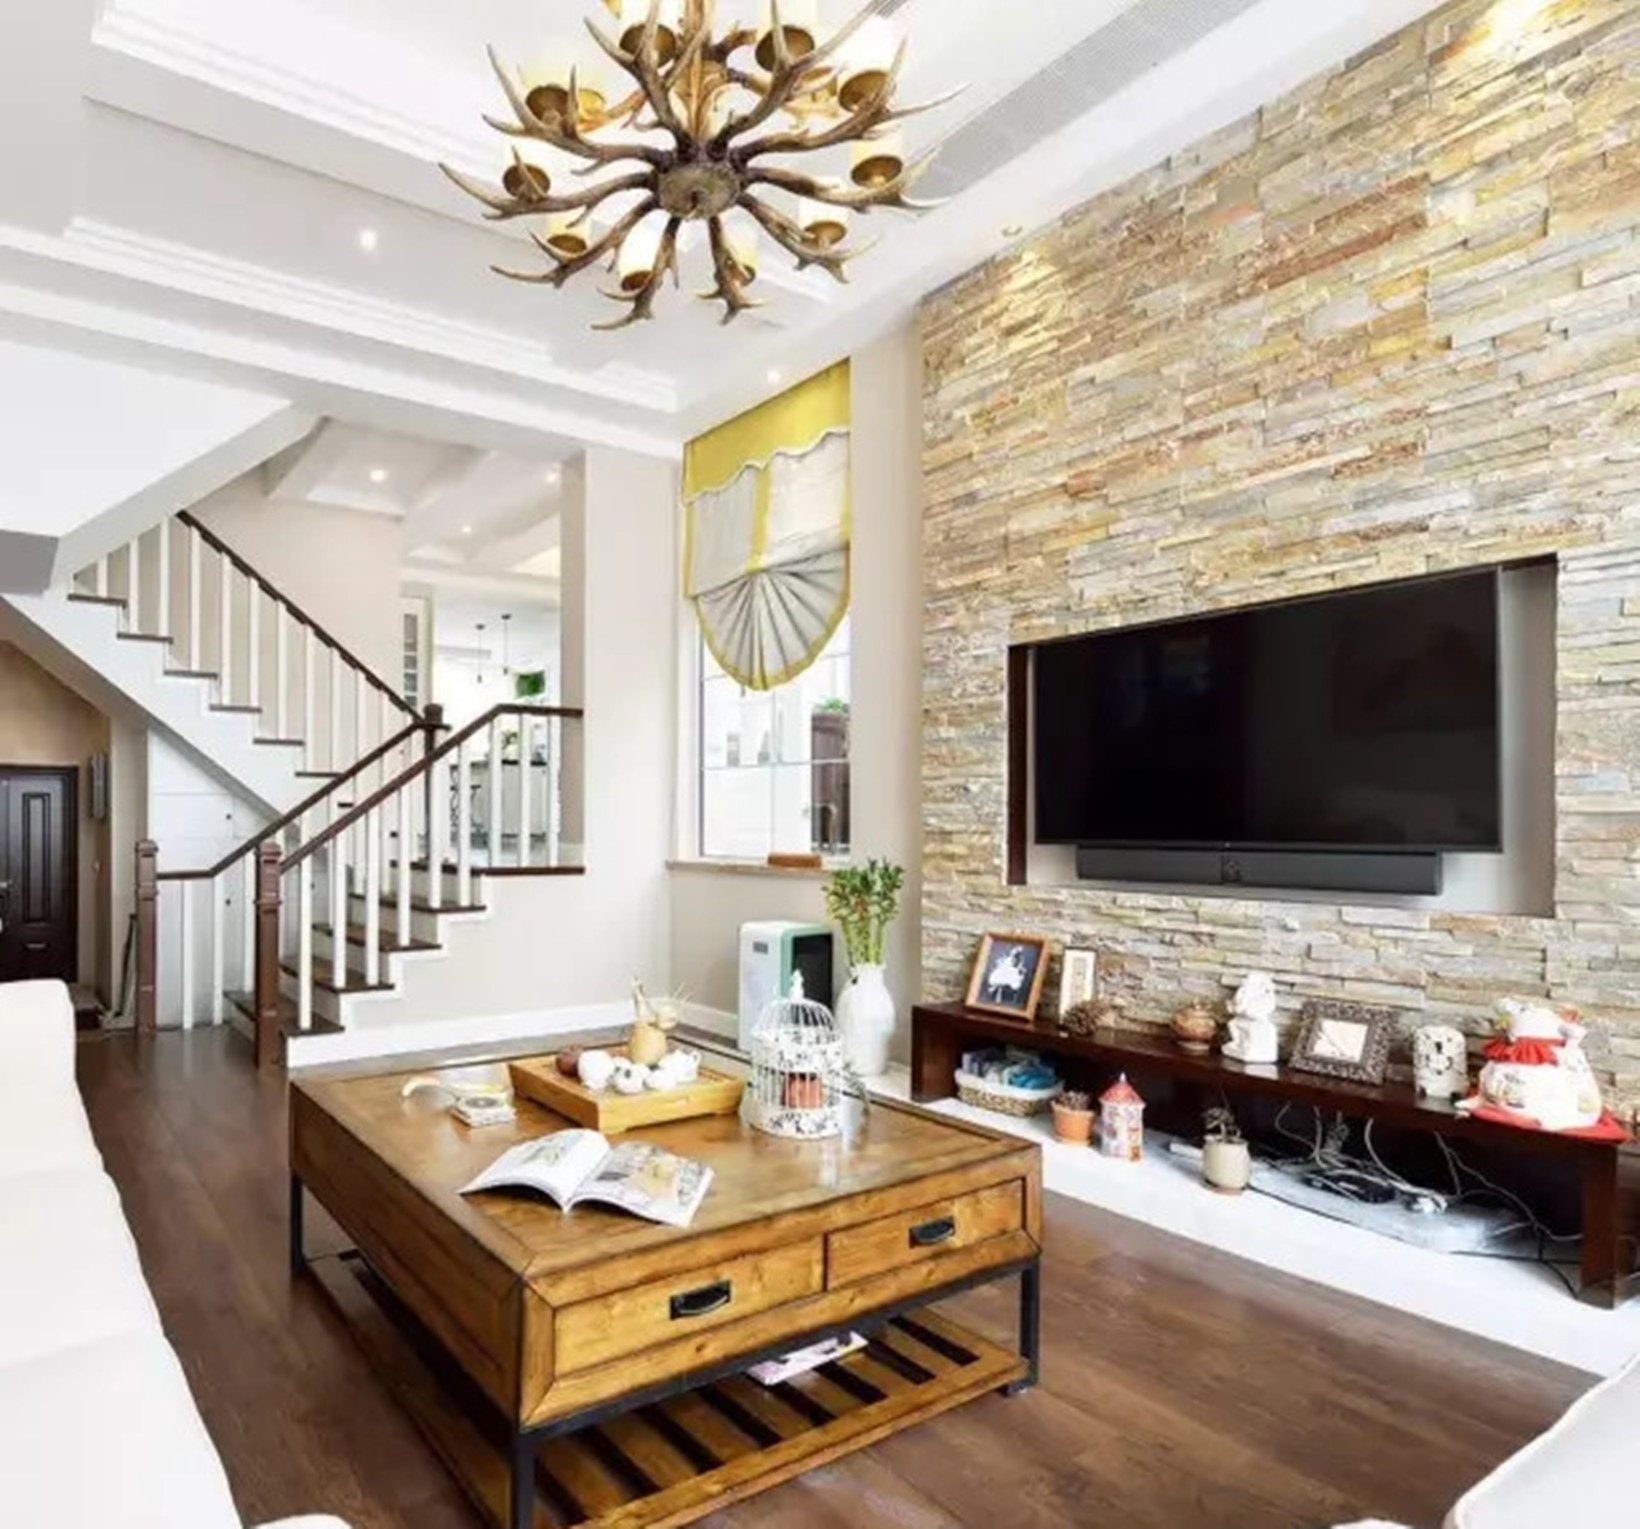 美式 现代 别墅 清爽 客厅图片来自高度国际装饰宋增会在孔雀城280平米清爽现代美式设计的分享